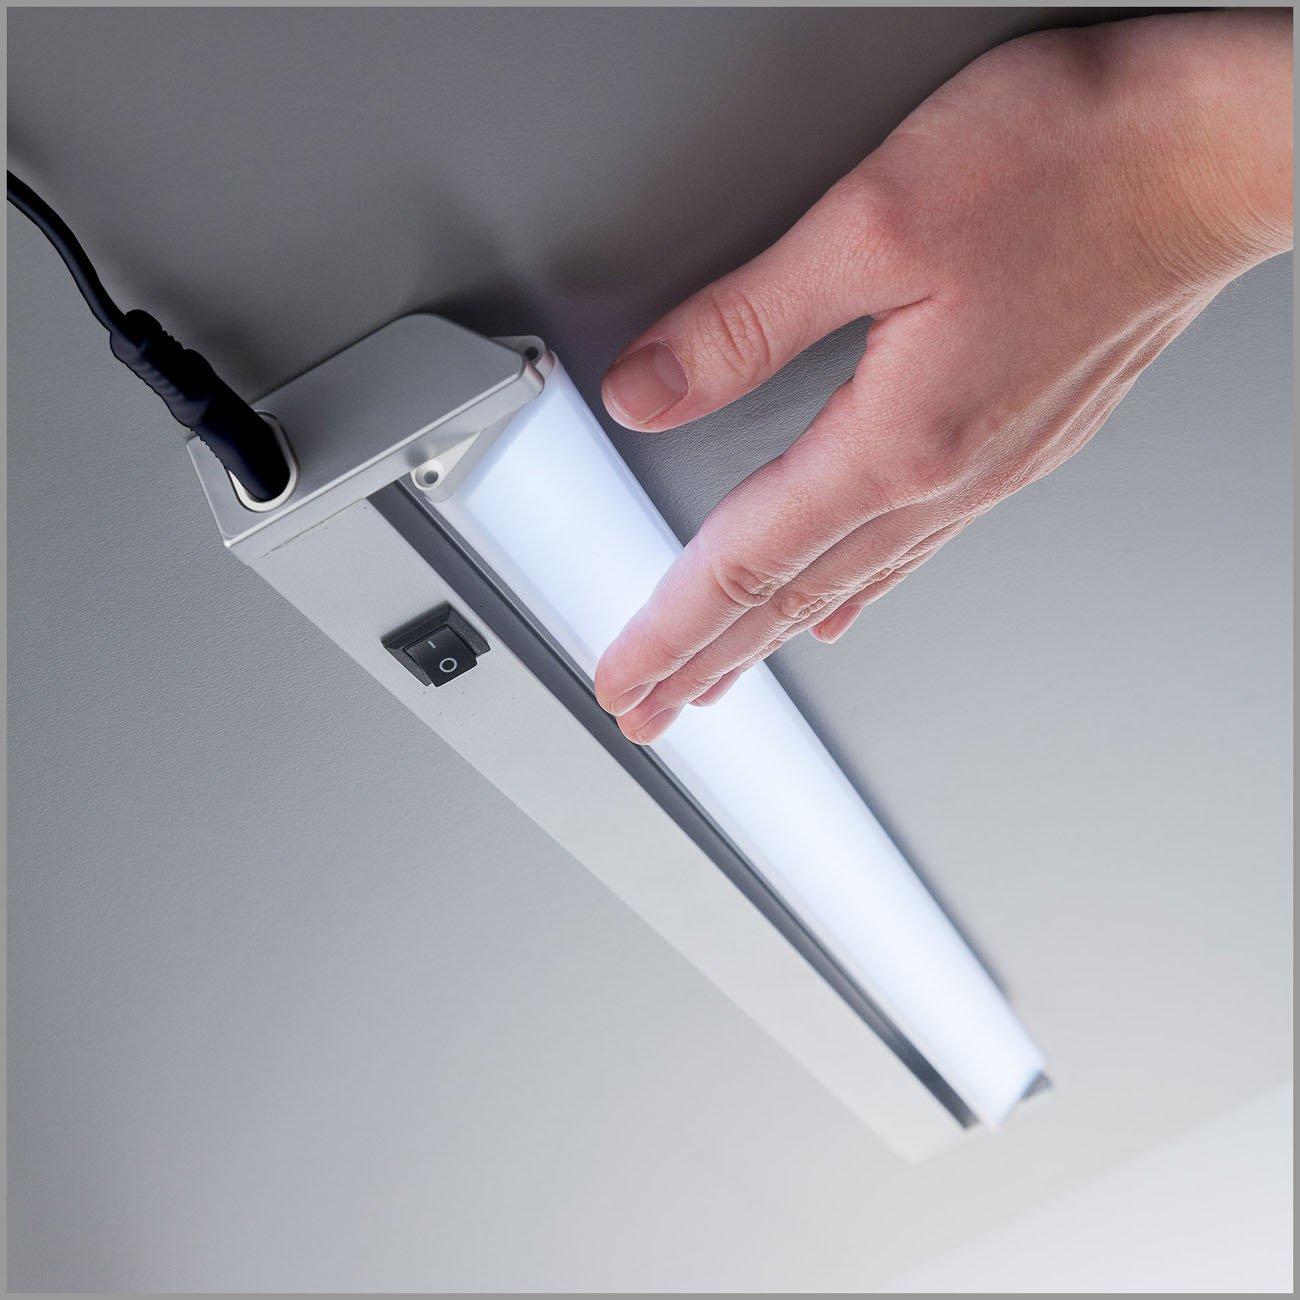 LED Schrankleuchte Unterbauleuchte silber-grau - 6